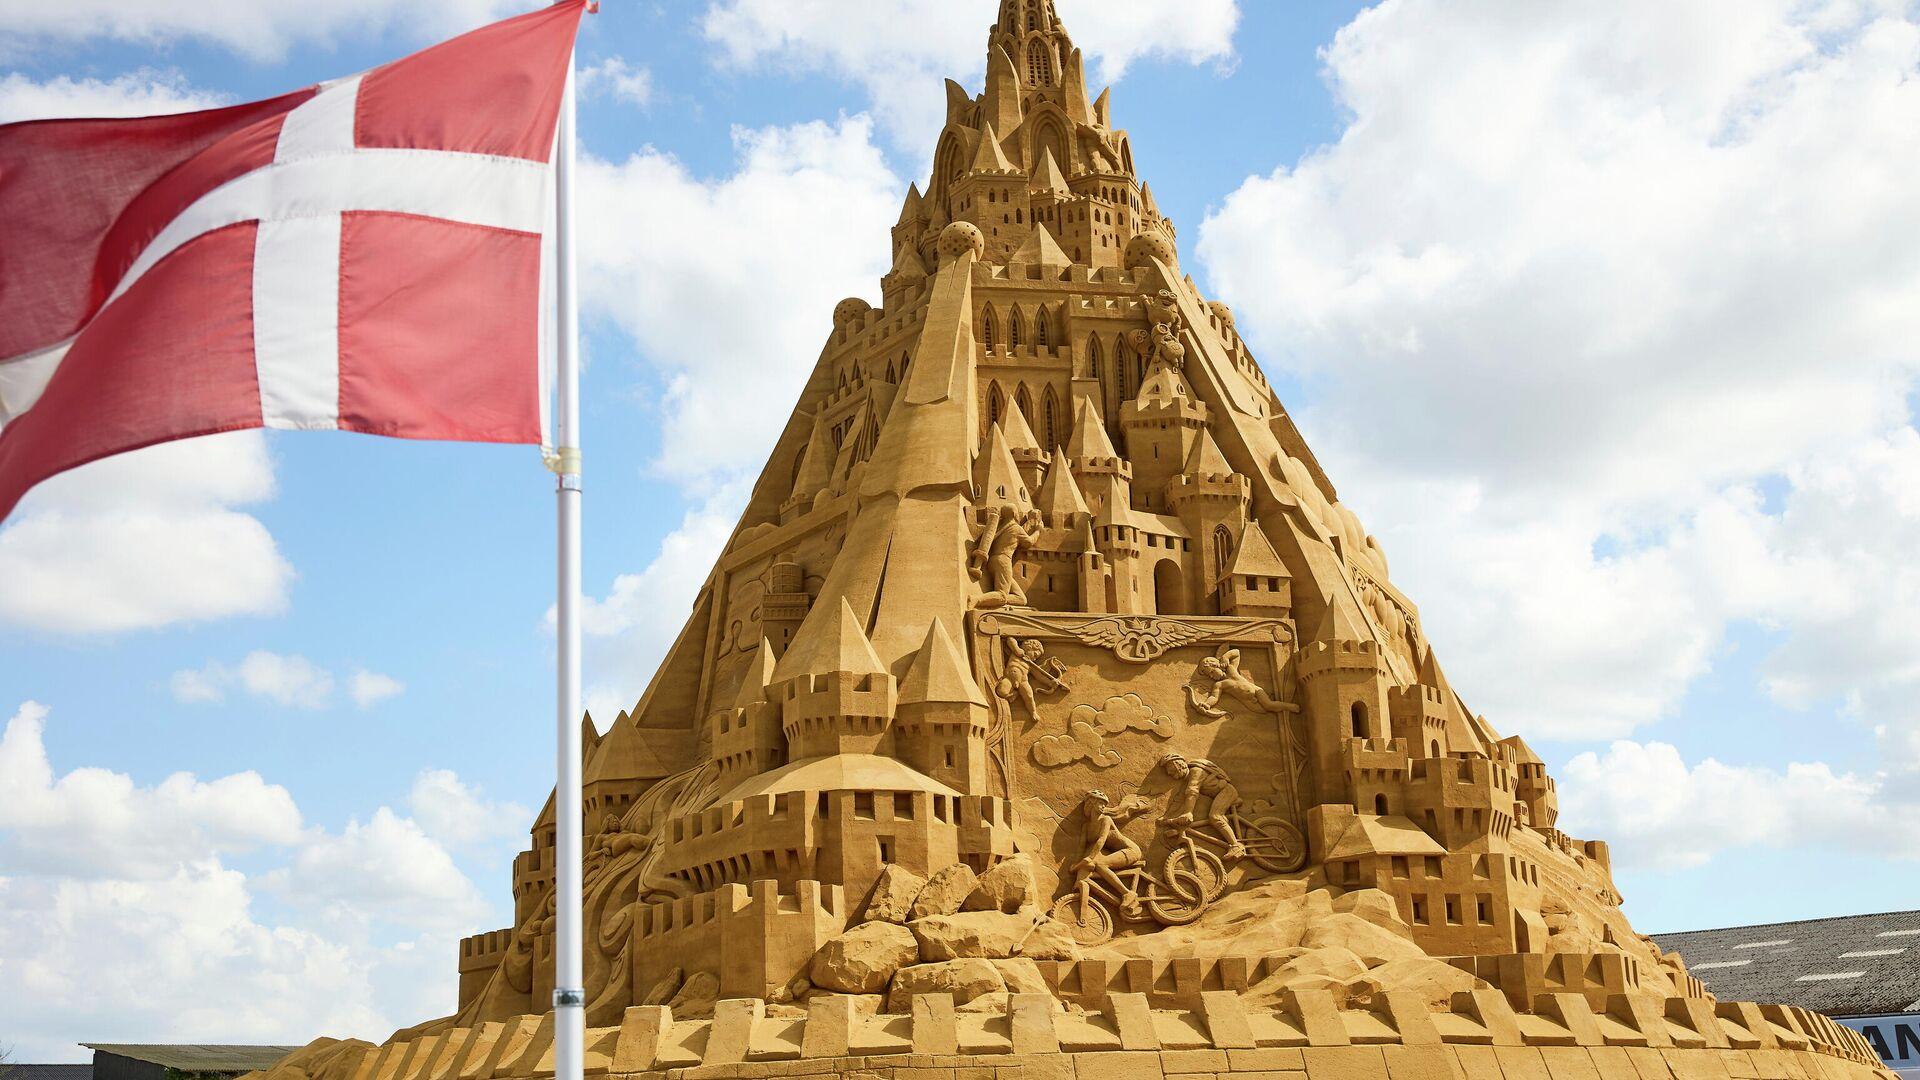 El castillo de arena más alto del mundo - Sputnik Mundo, 1920, 08.07.2021